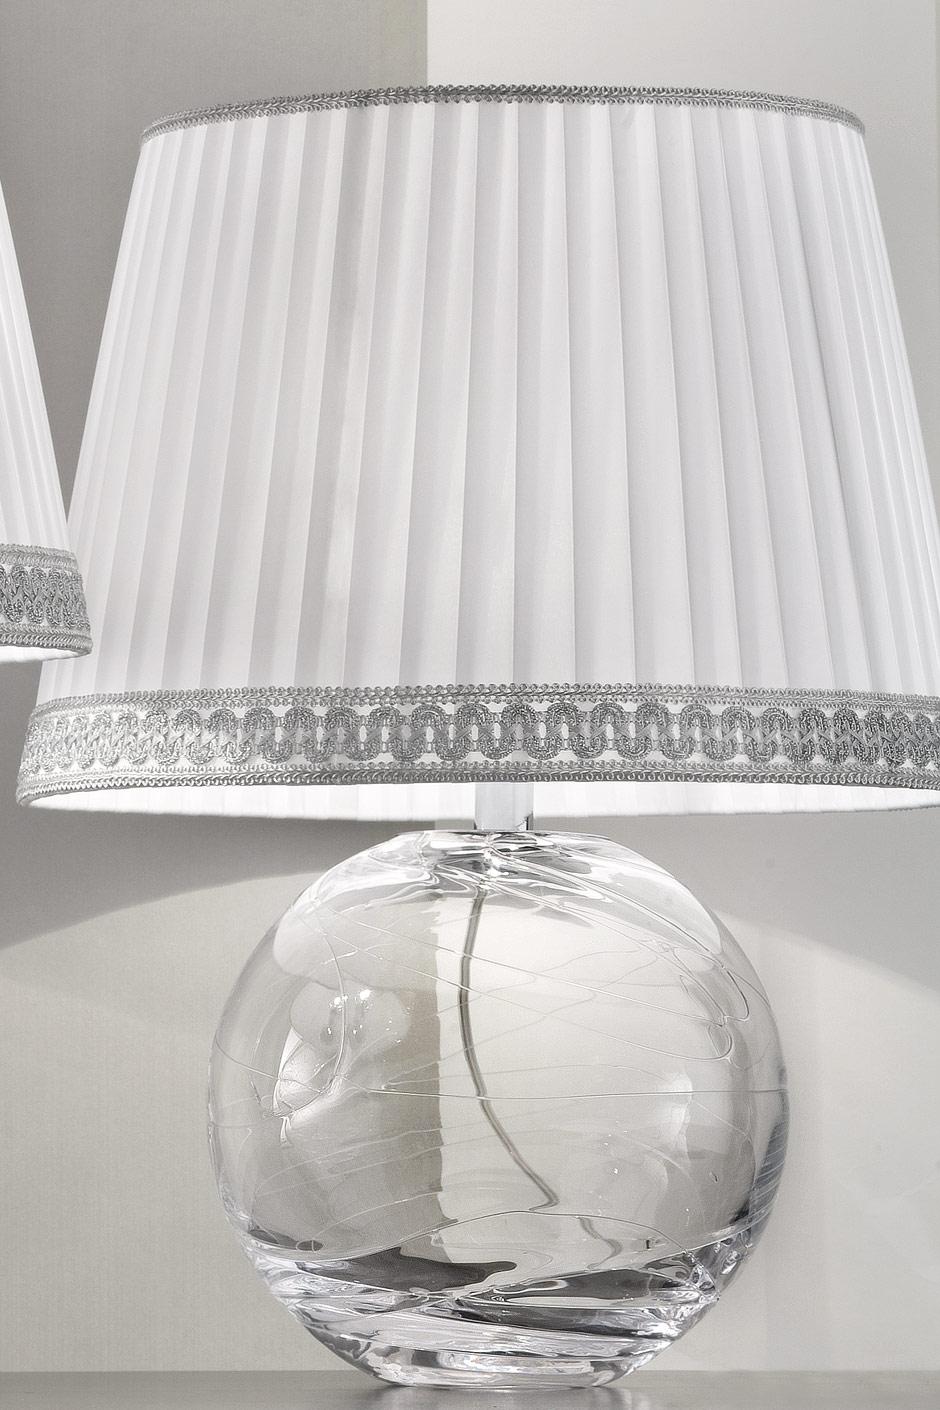 petite lampe ronde en verre murano transparent abat jour taffetas de soie blanche pliss e. Black Bedroom Furniture Sets. Home Design Ideas